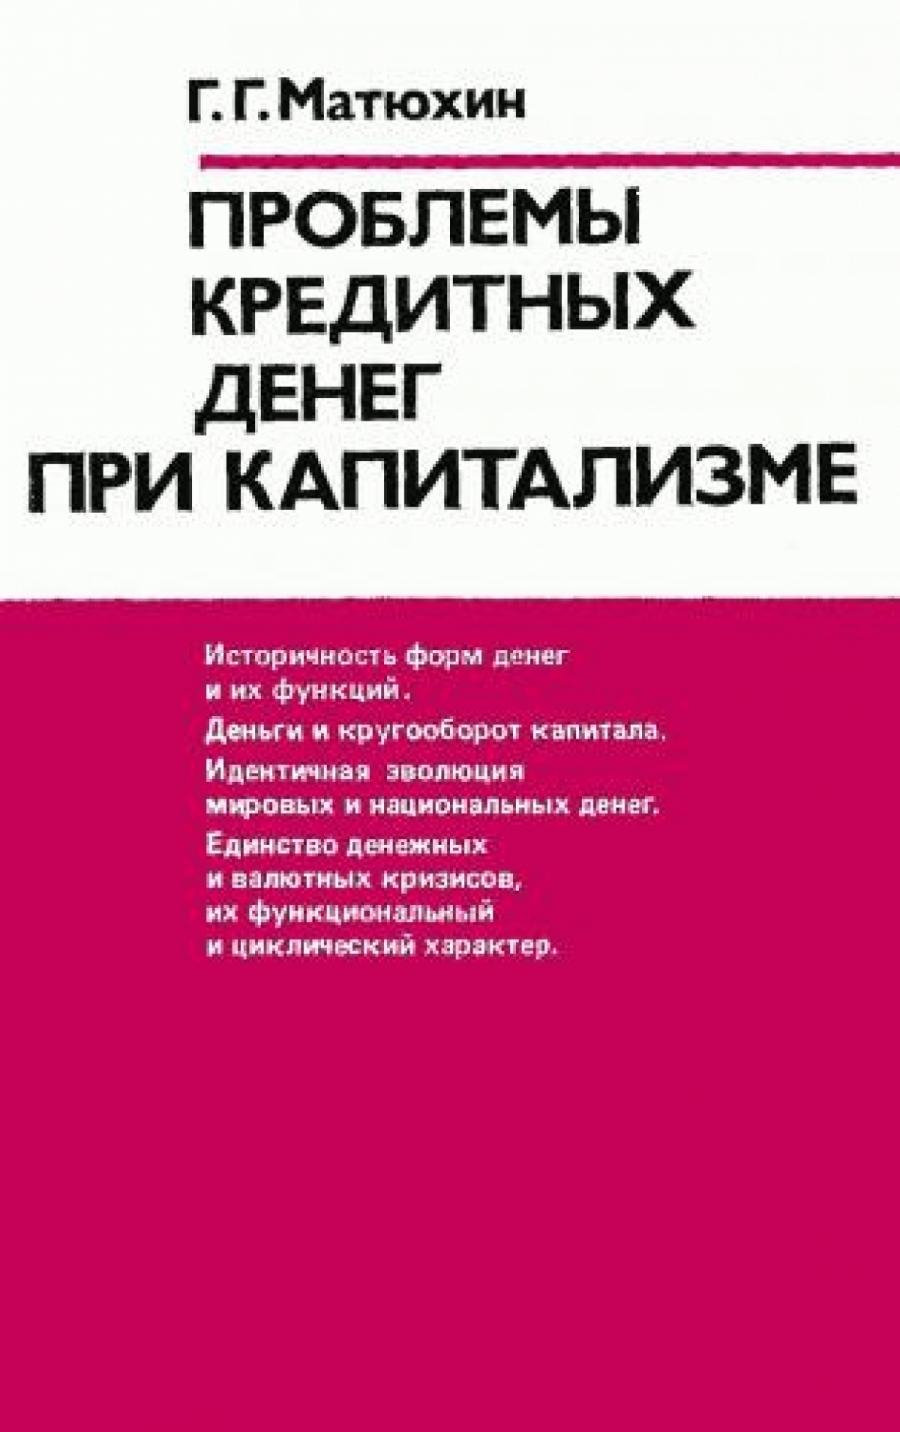 Обложка книги:  матюхин г.г. - проблемы кредитных денег при капитализме